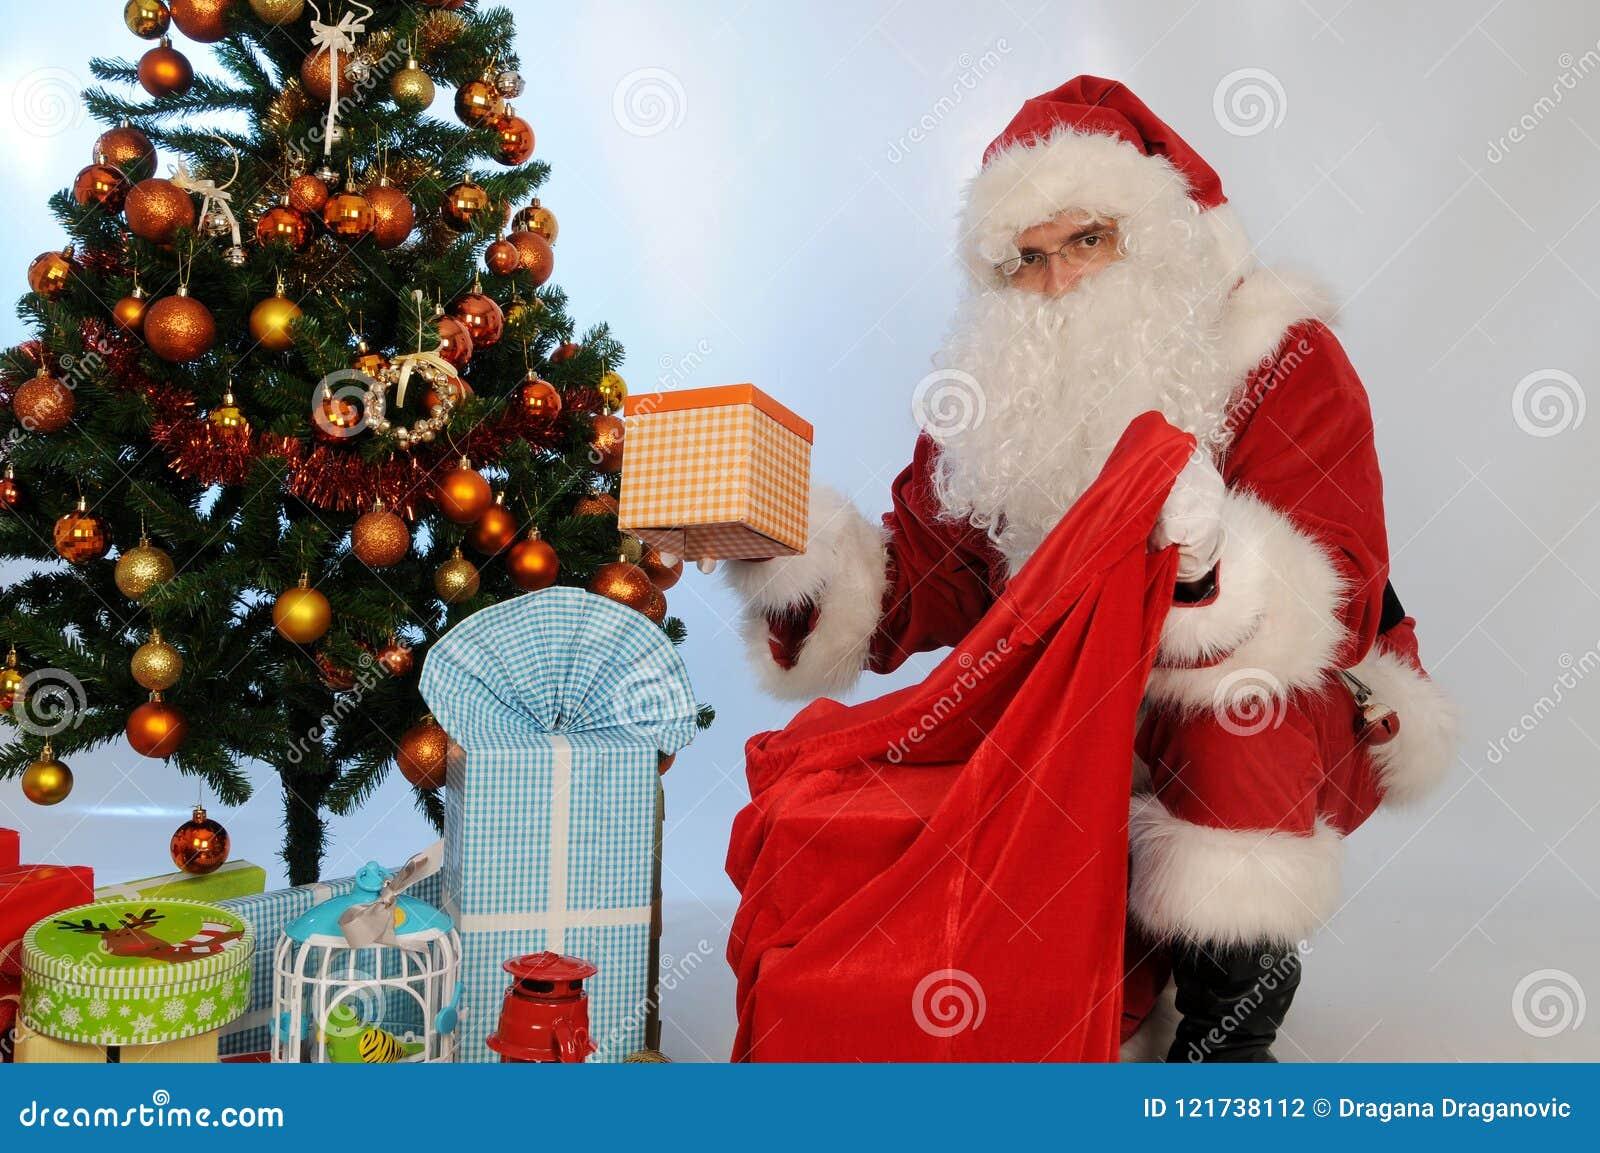 Occasioni Regali Di Natale.Santa Claus Porta Il Sacco Con I Regali Per Il Natale